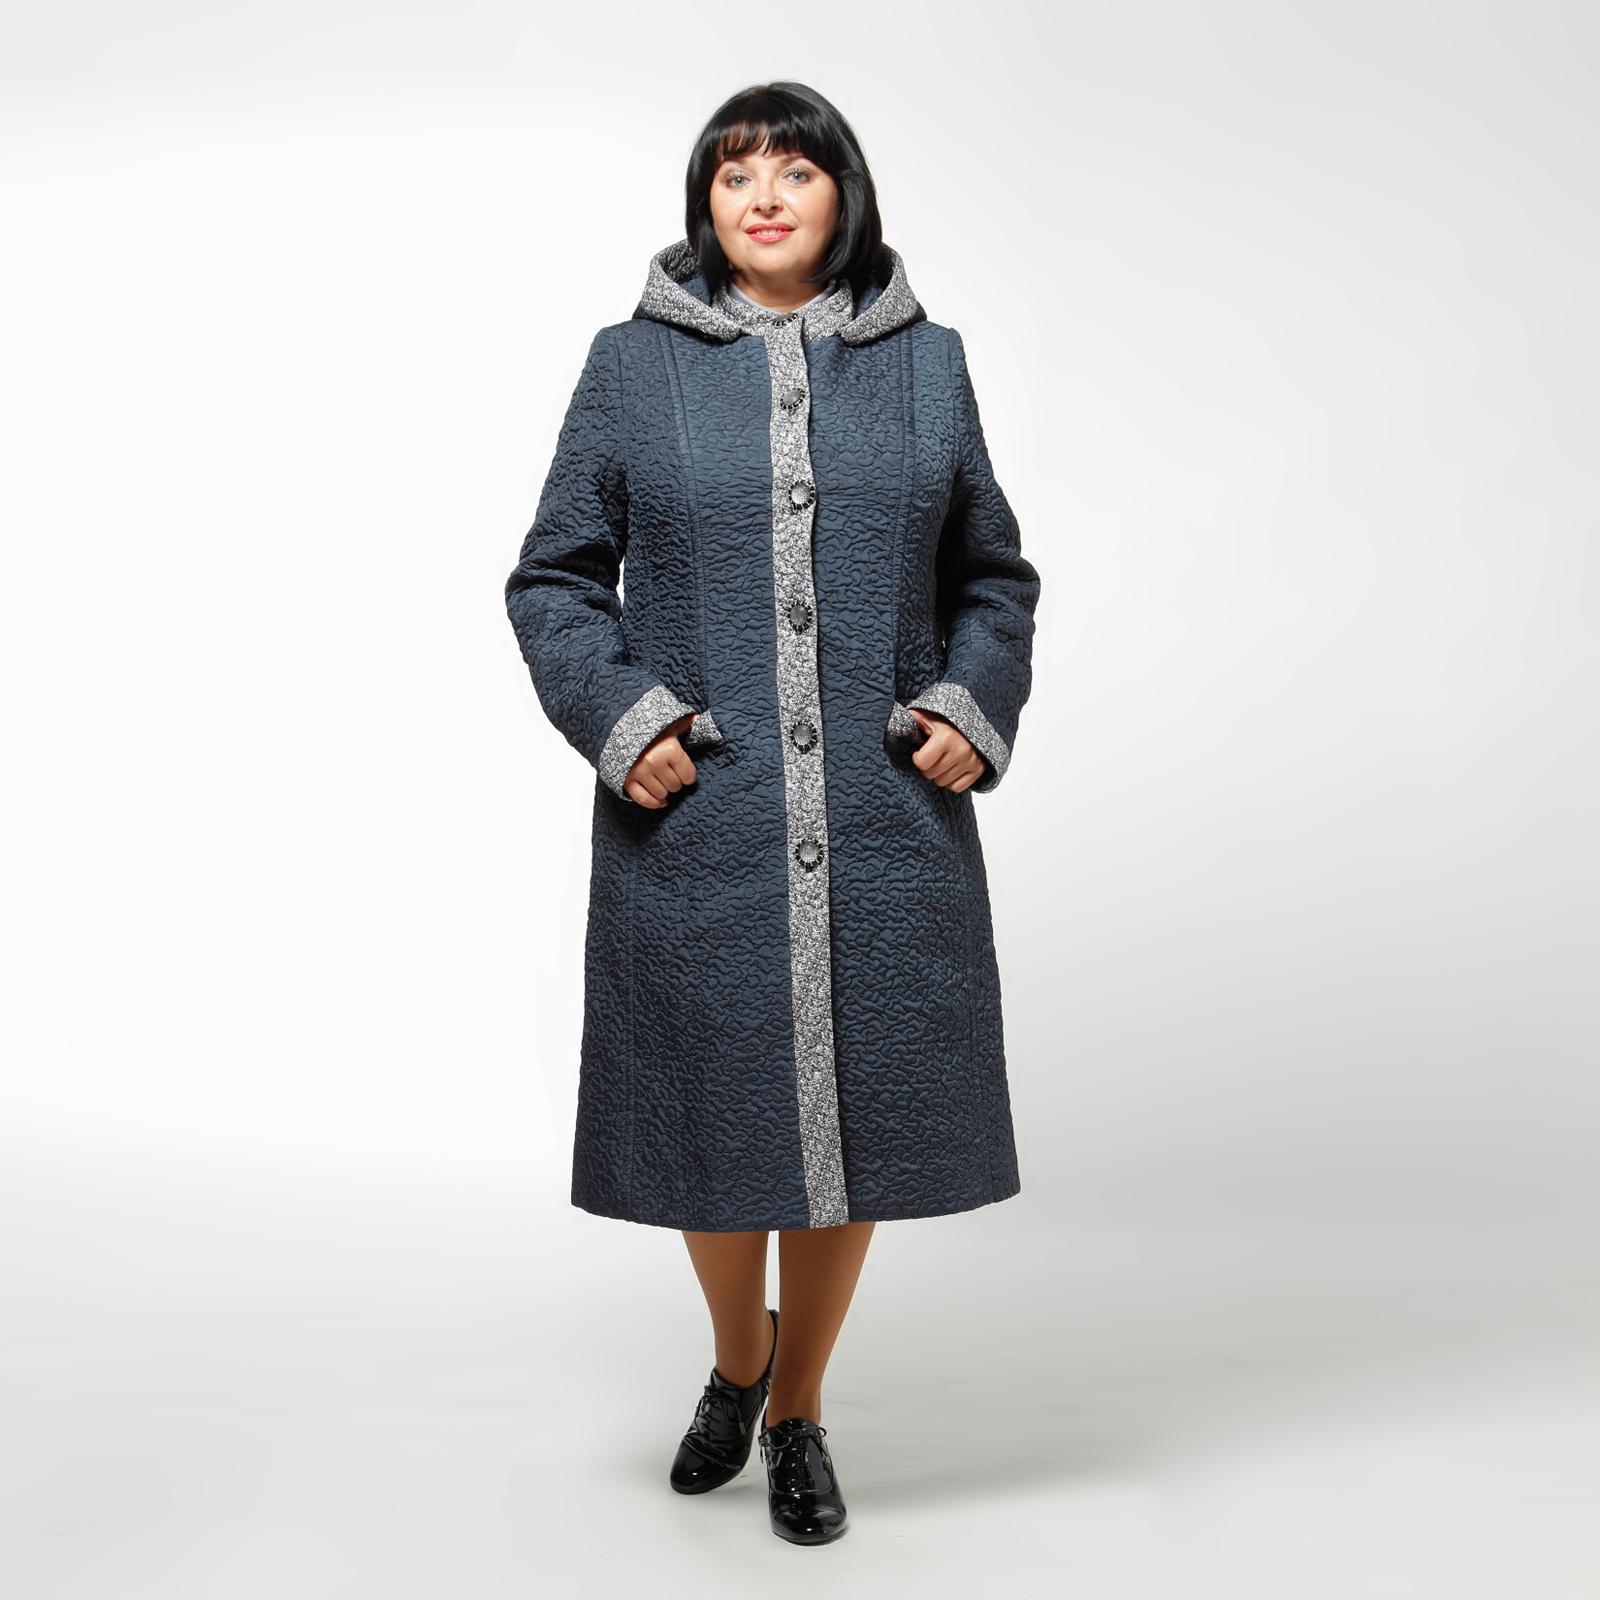 Пальто женское из стеганой ткани с капюшоном и оригинальными пуговицами